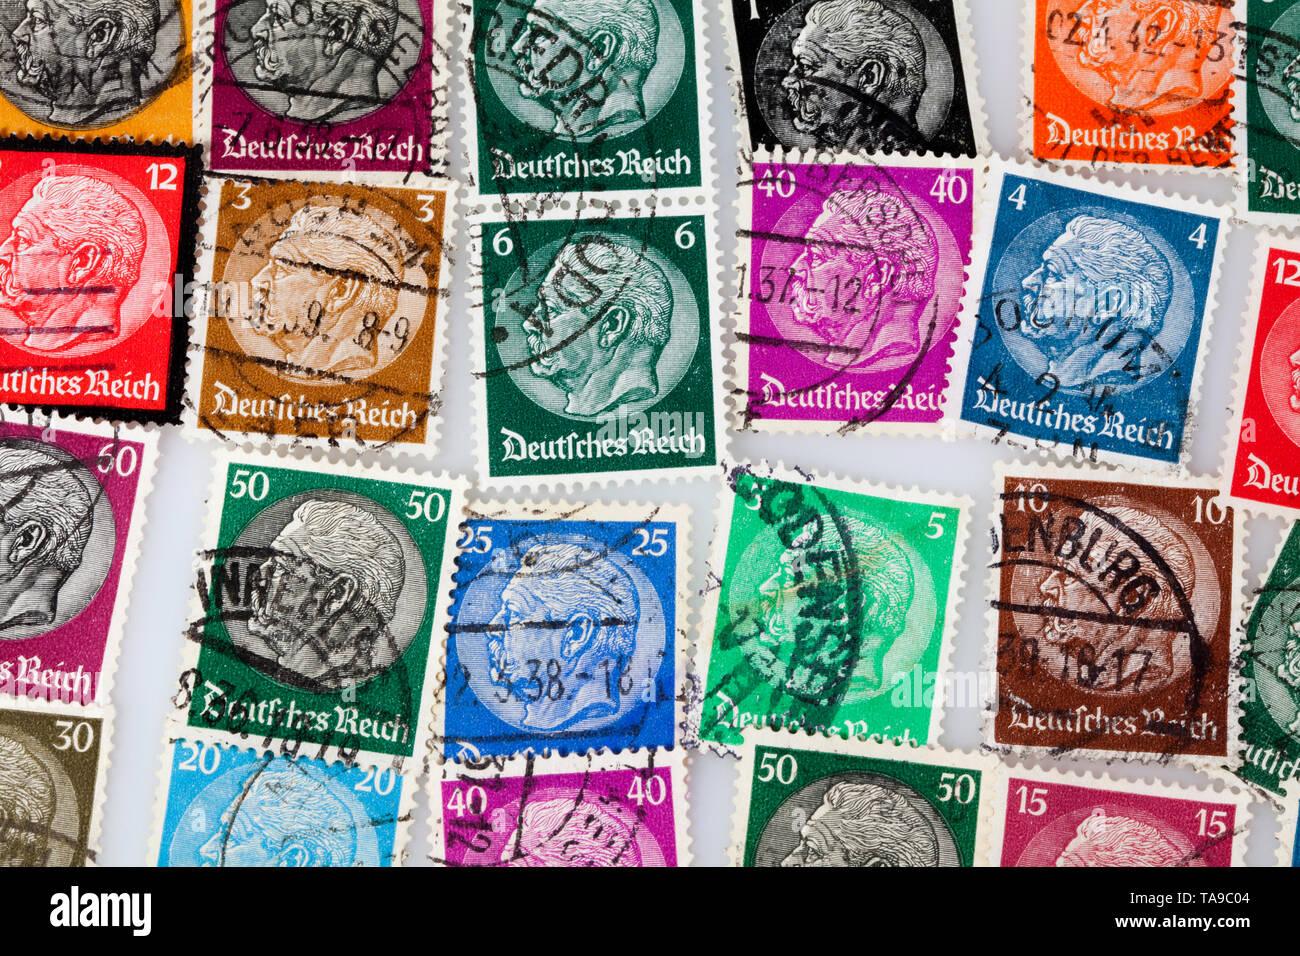 Alte Briefmarken, der Weimarer Republik, Reichspräsident Paul Ludwig Hans Anton von Beneckendorff und von Hindenburg, Deutsches Reich, 1933 Photo Stock